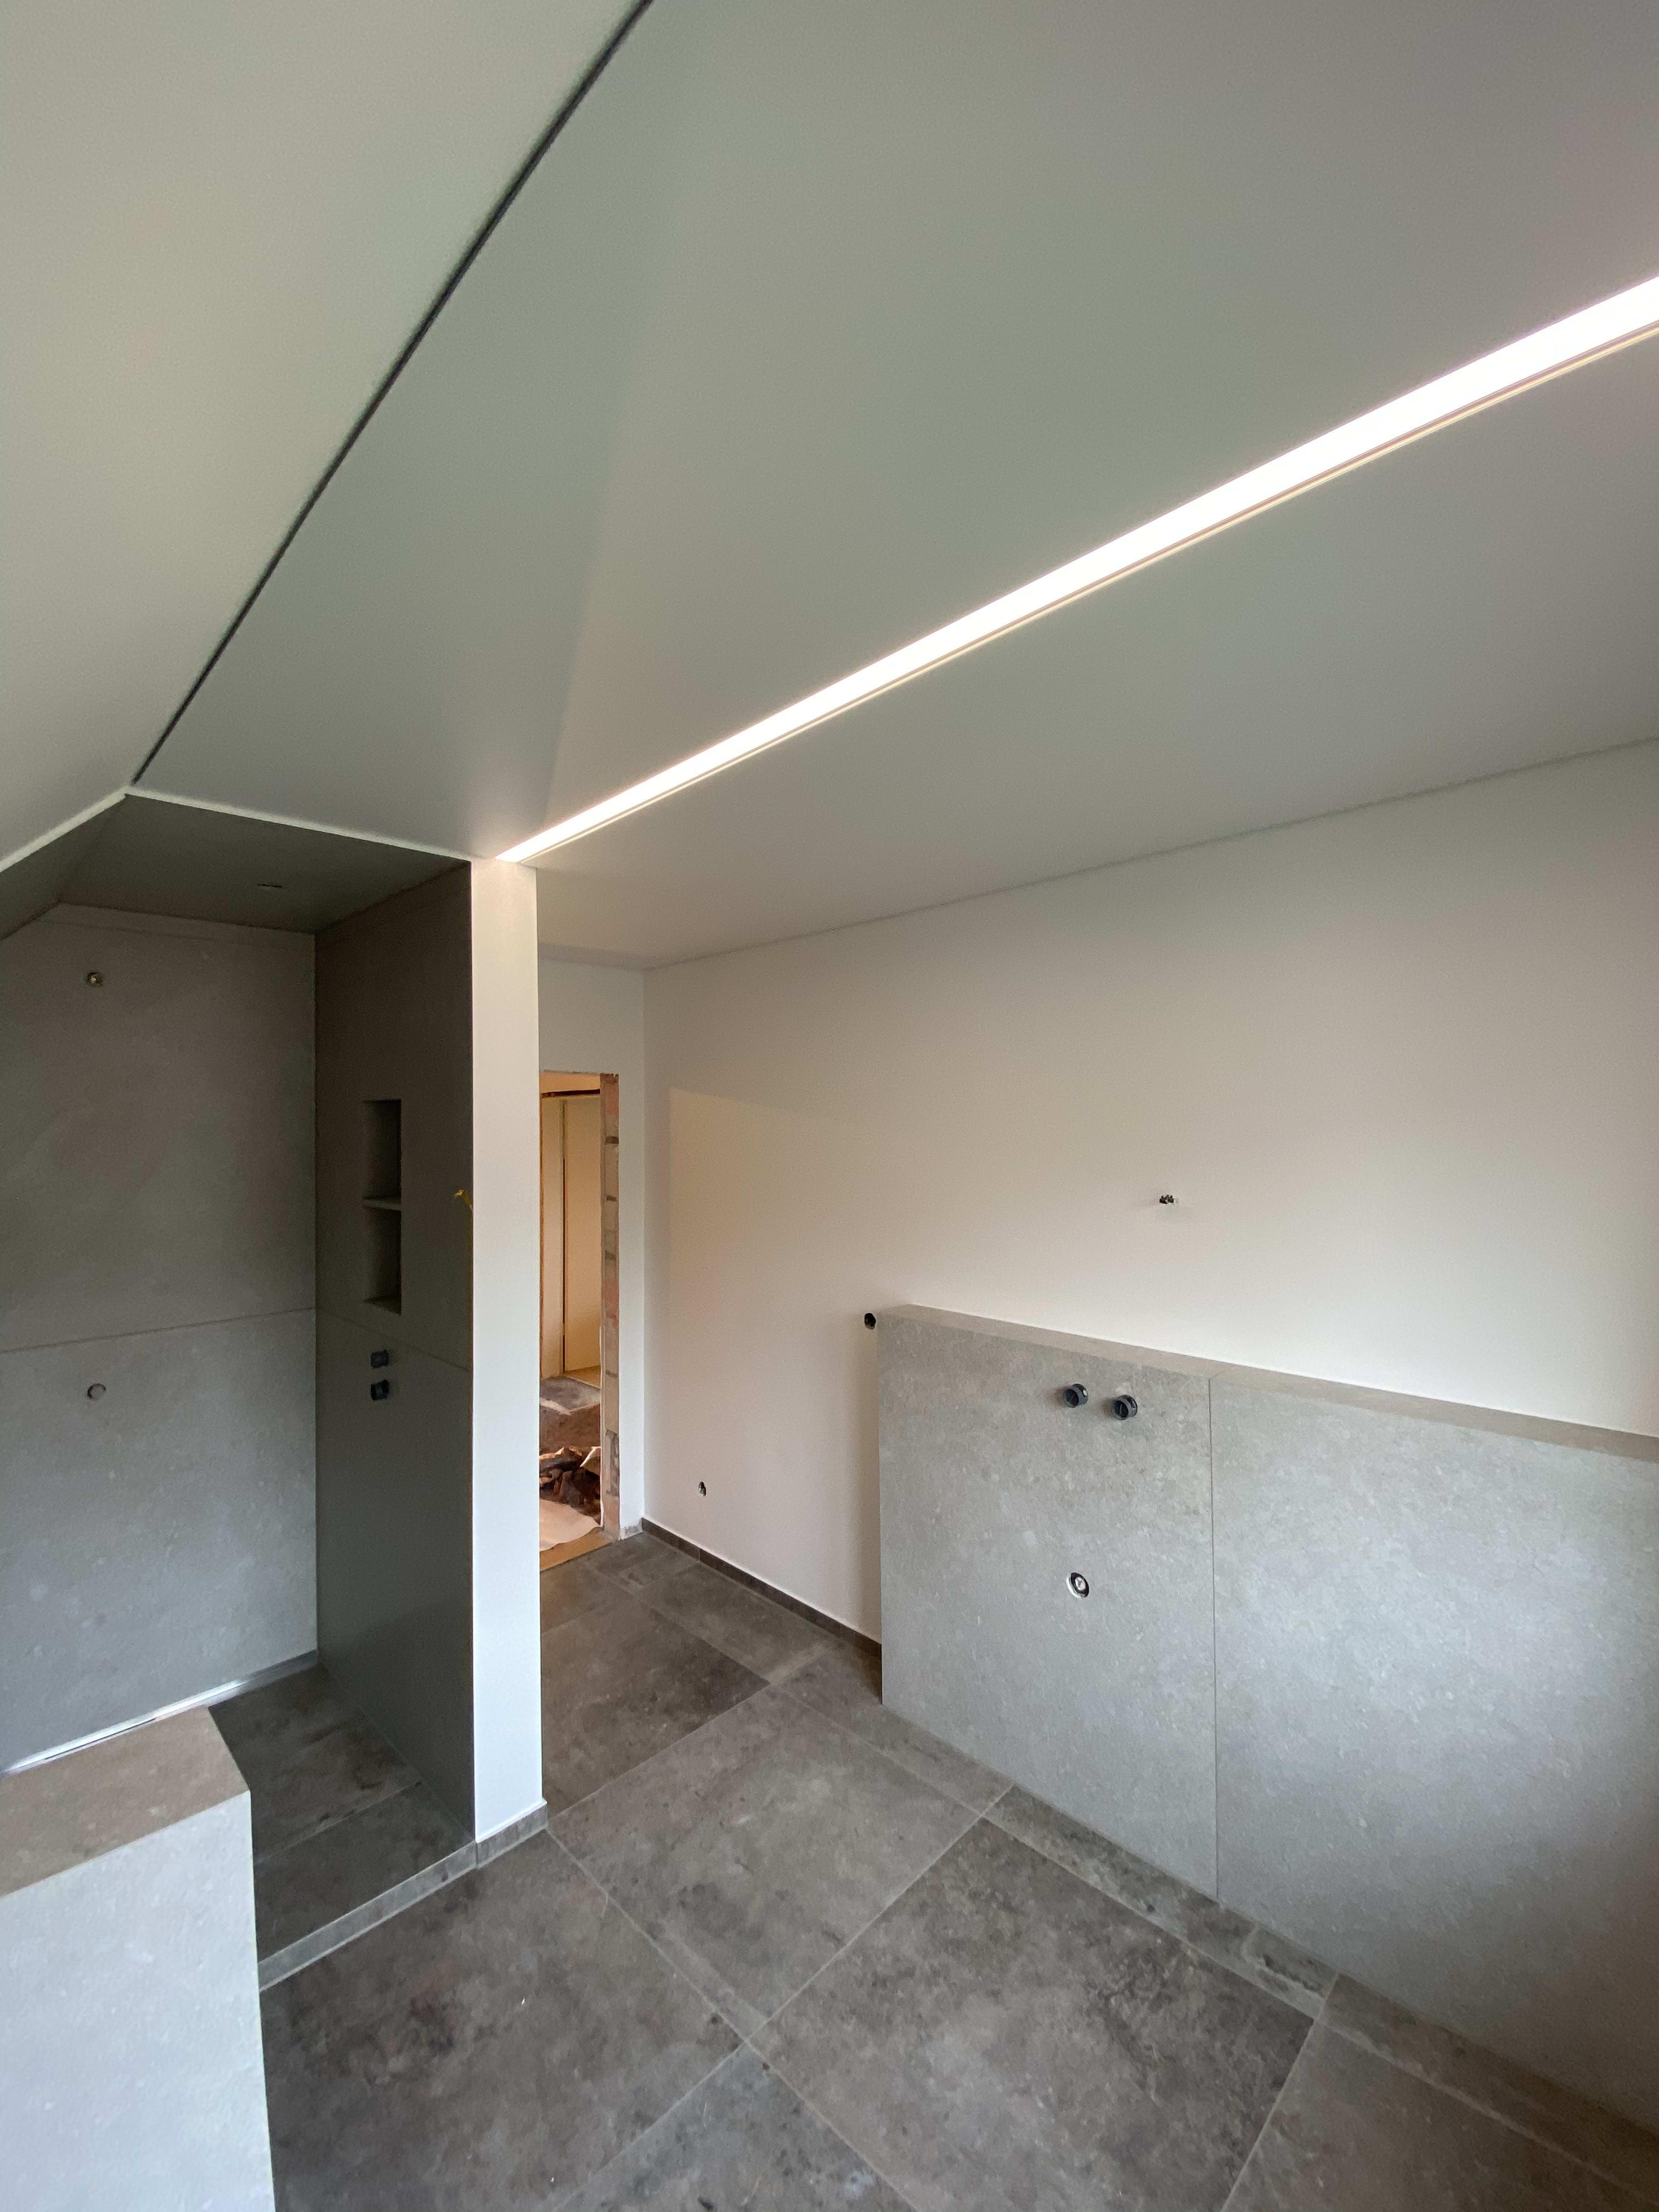 Badezimmer LED mittig und im Dusch-Bereich